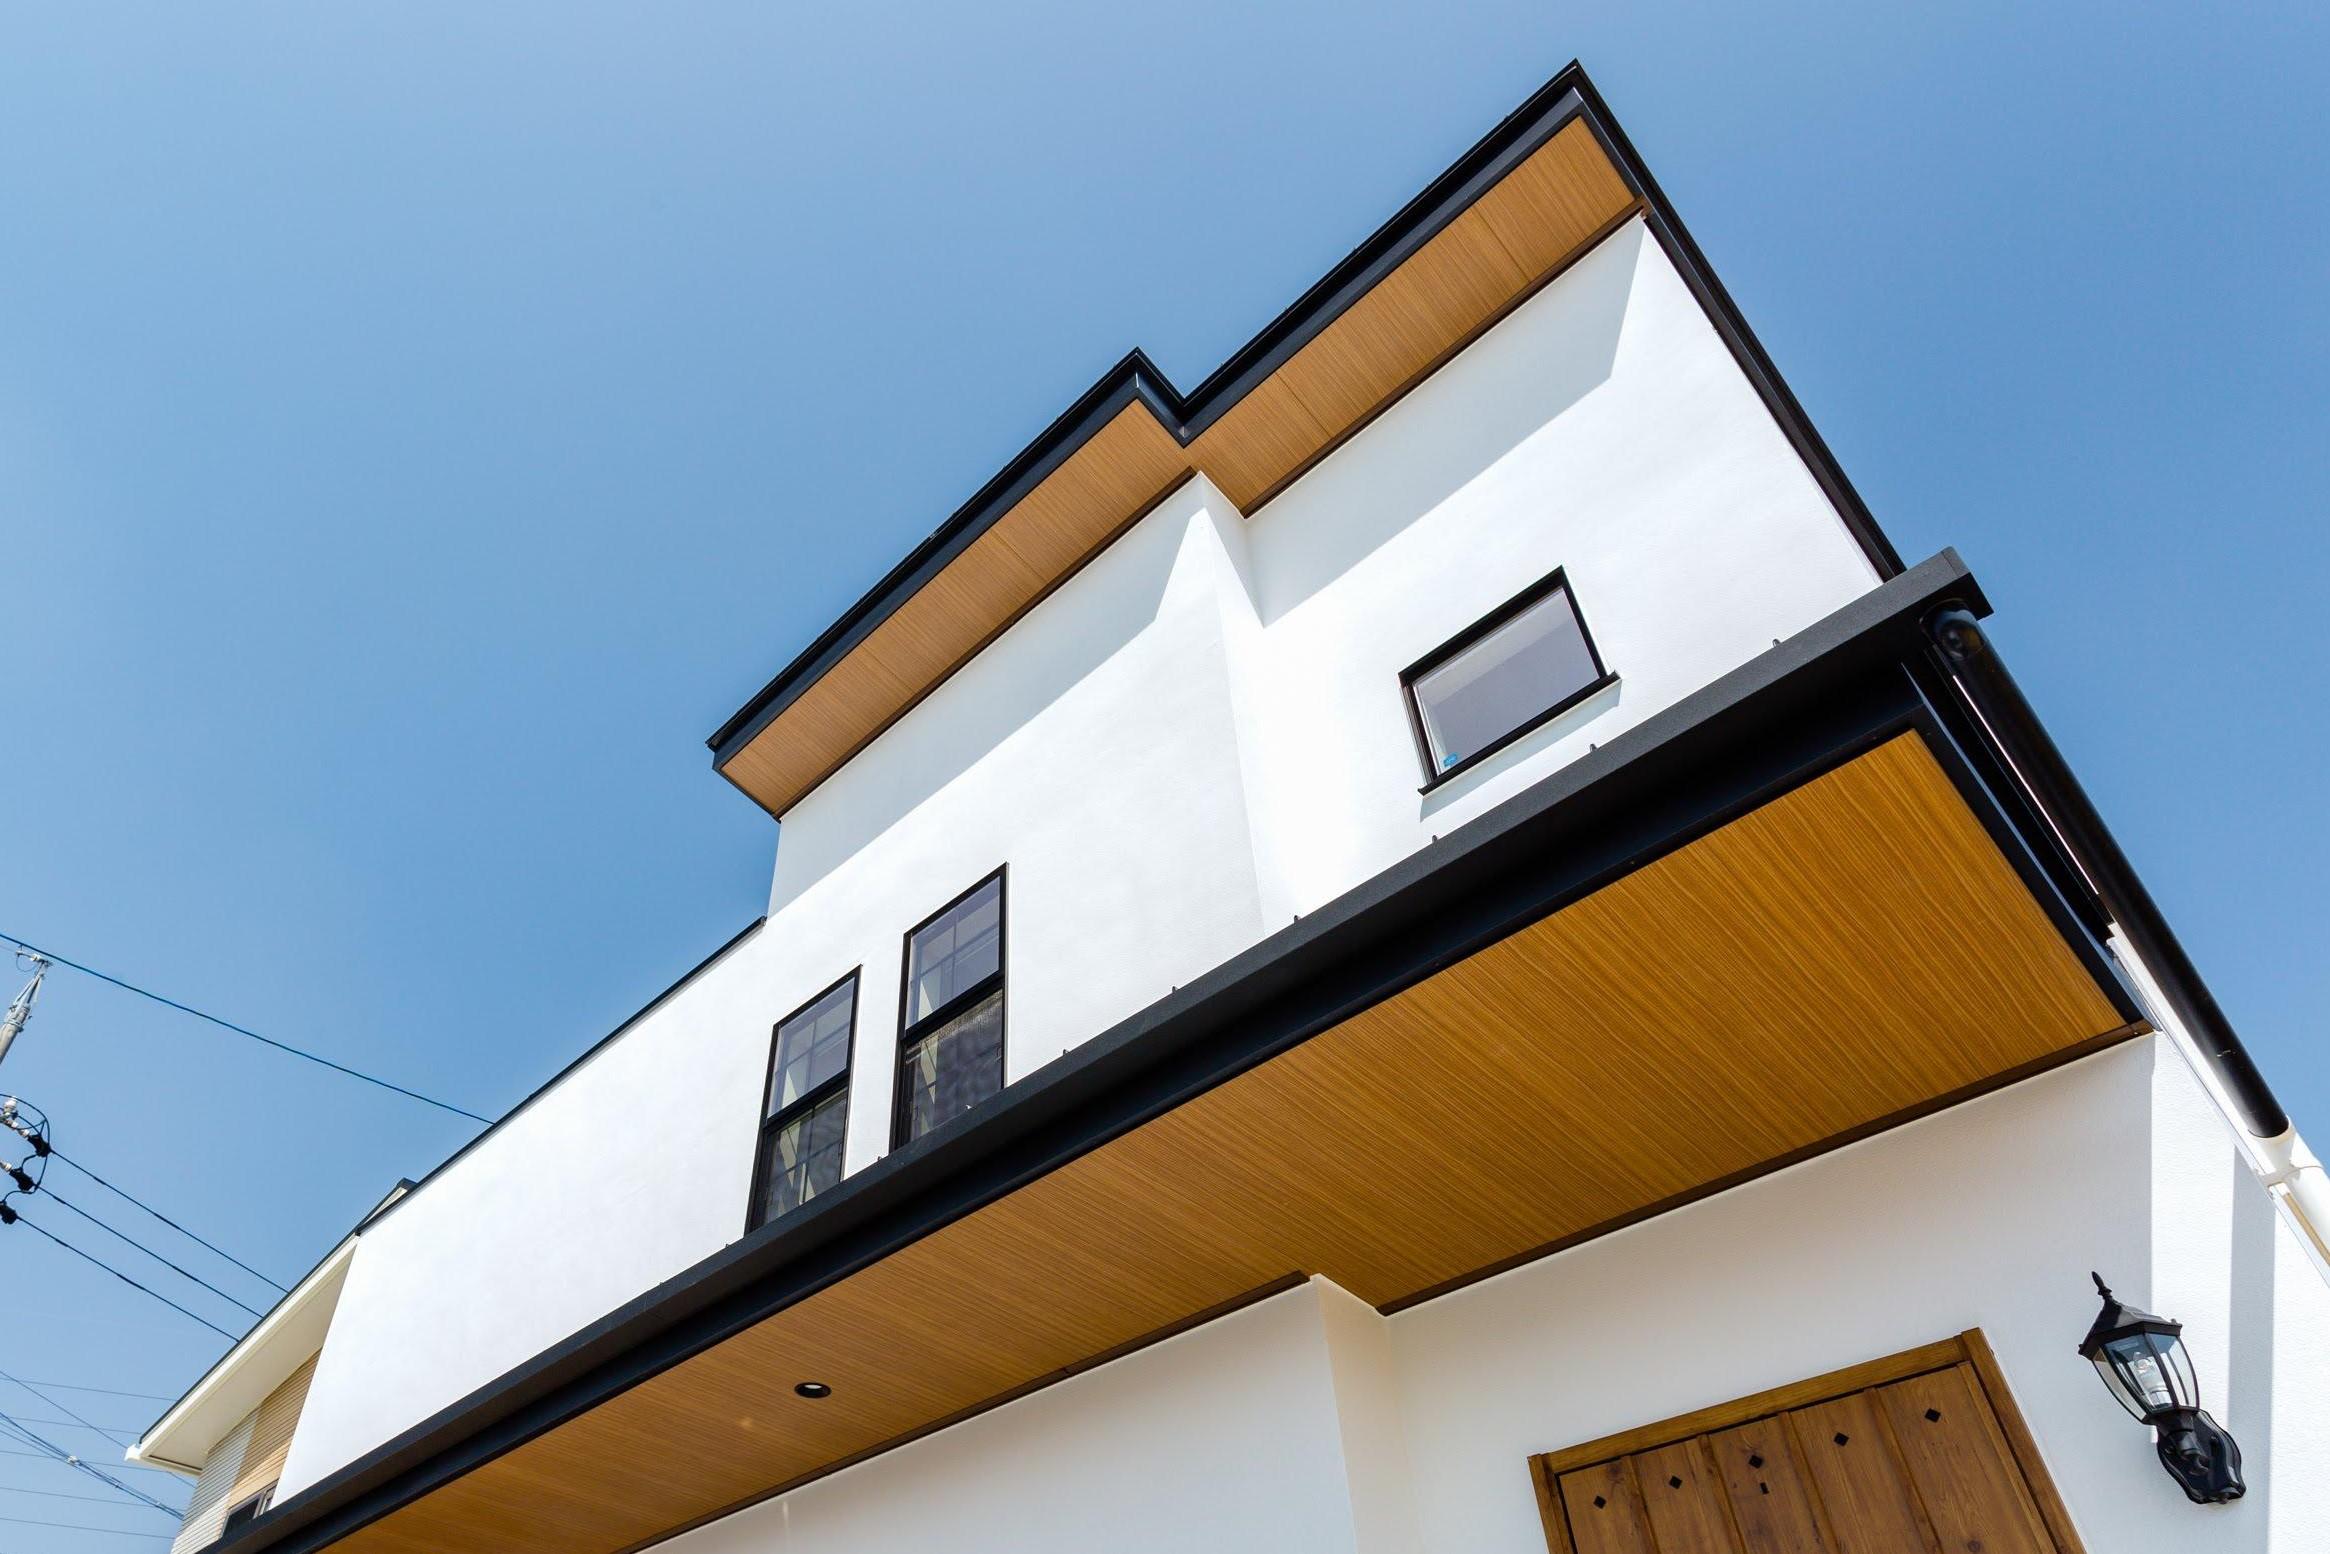 軒天や玄関ドアを木質調に統一し、上品かつ遊び心ある印象に